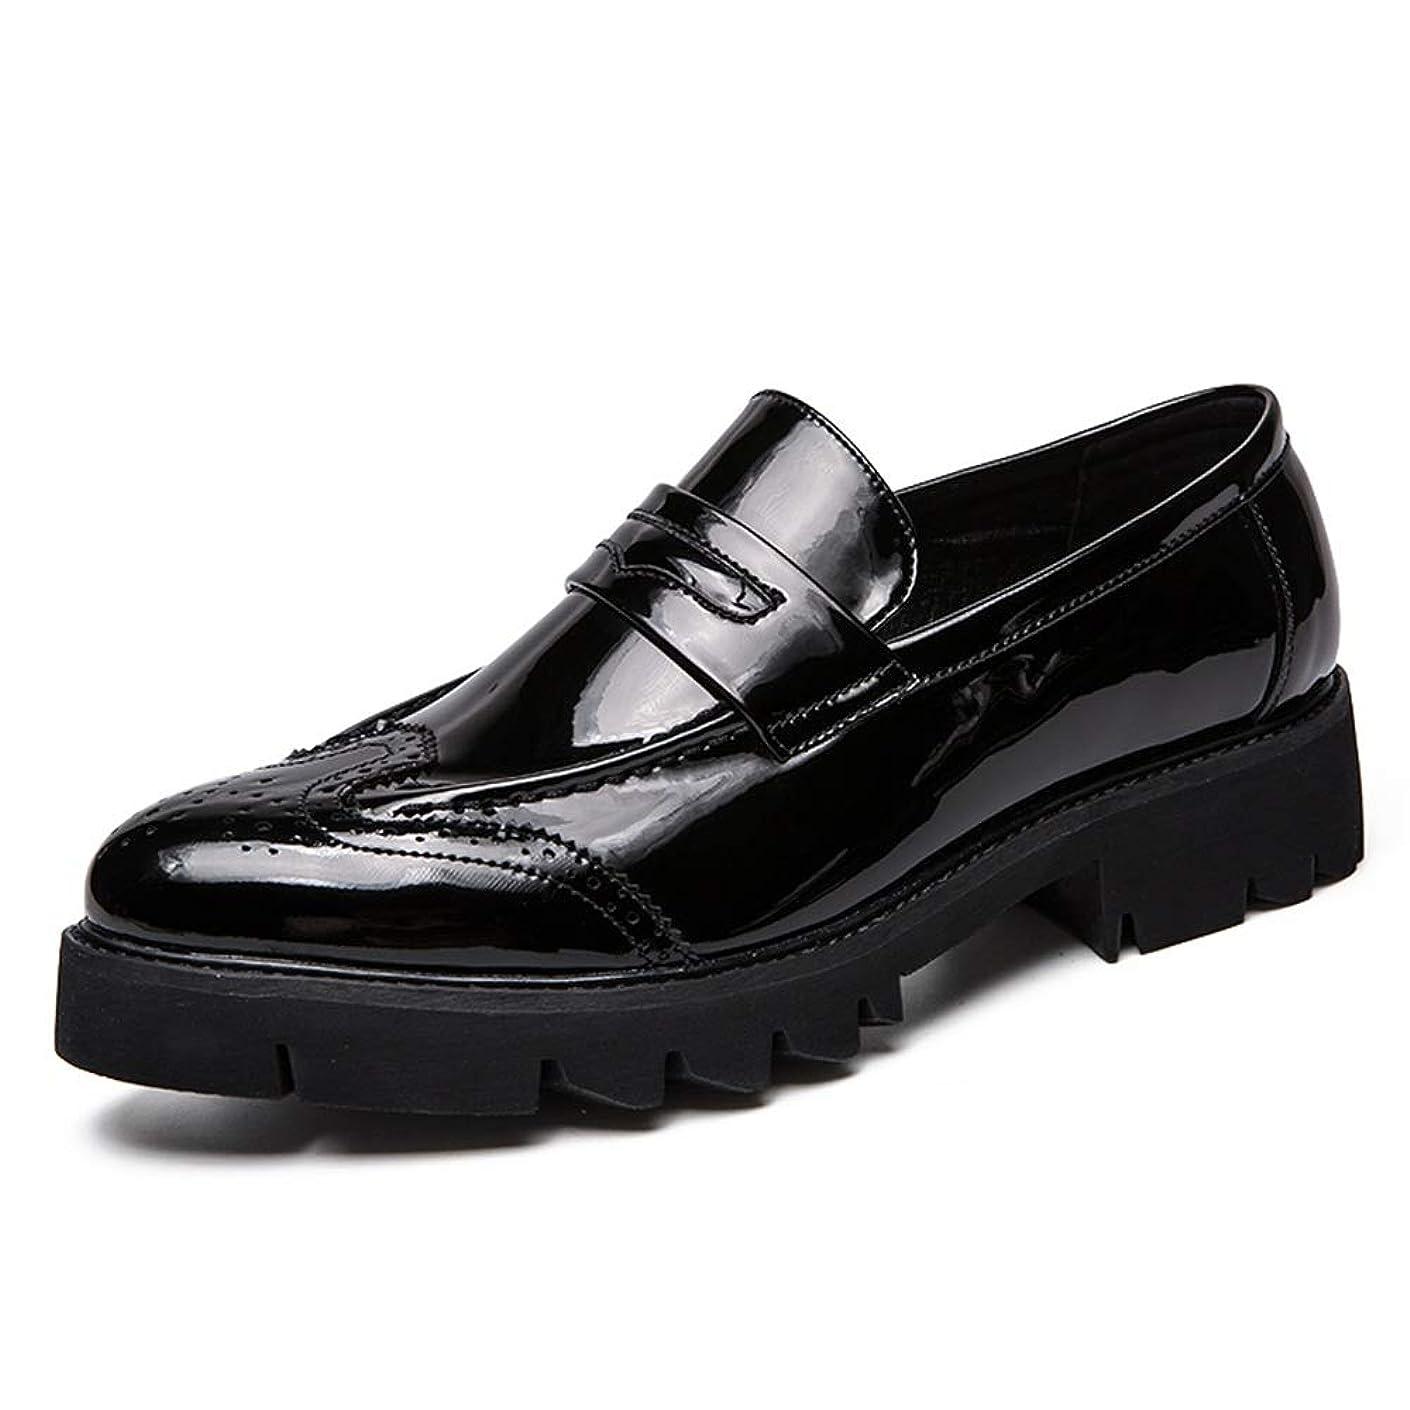 巨大な前述の宿泊施設ファッションシューズ スタンダードシューズ 靴メンズファッションオックスフォードカジュアルラウンドトゥパテントレザー厚底彫刻ブローグスリップオンフォーマルシューズ レジャーシューズ